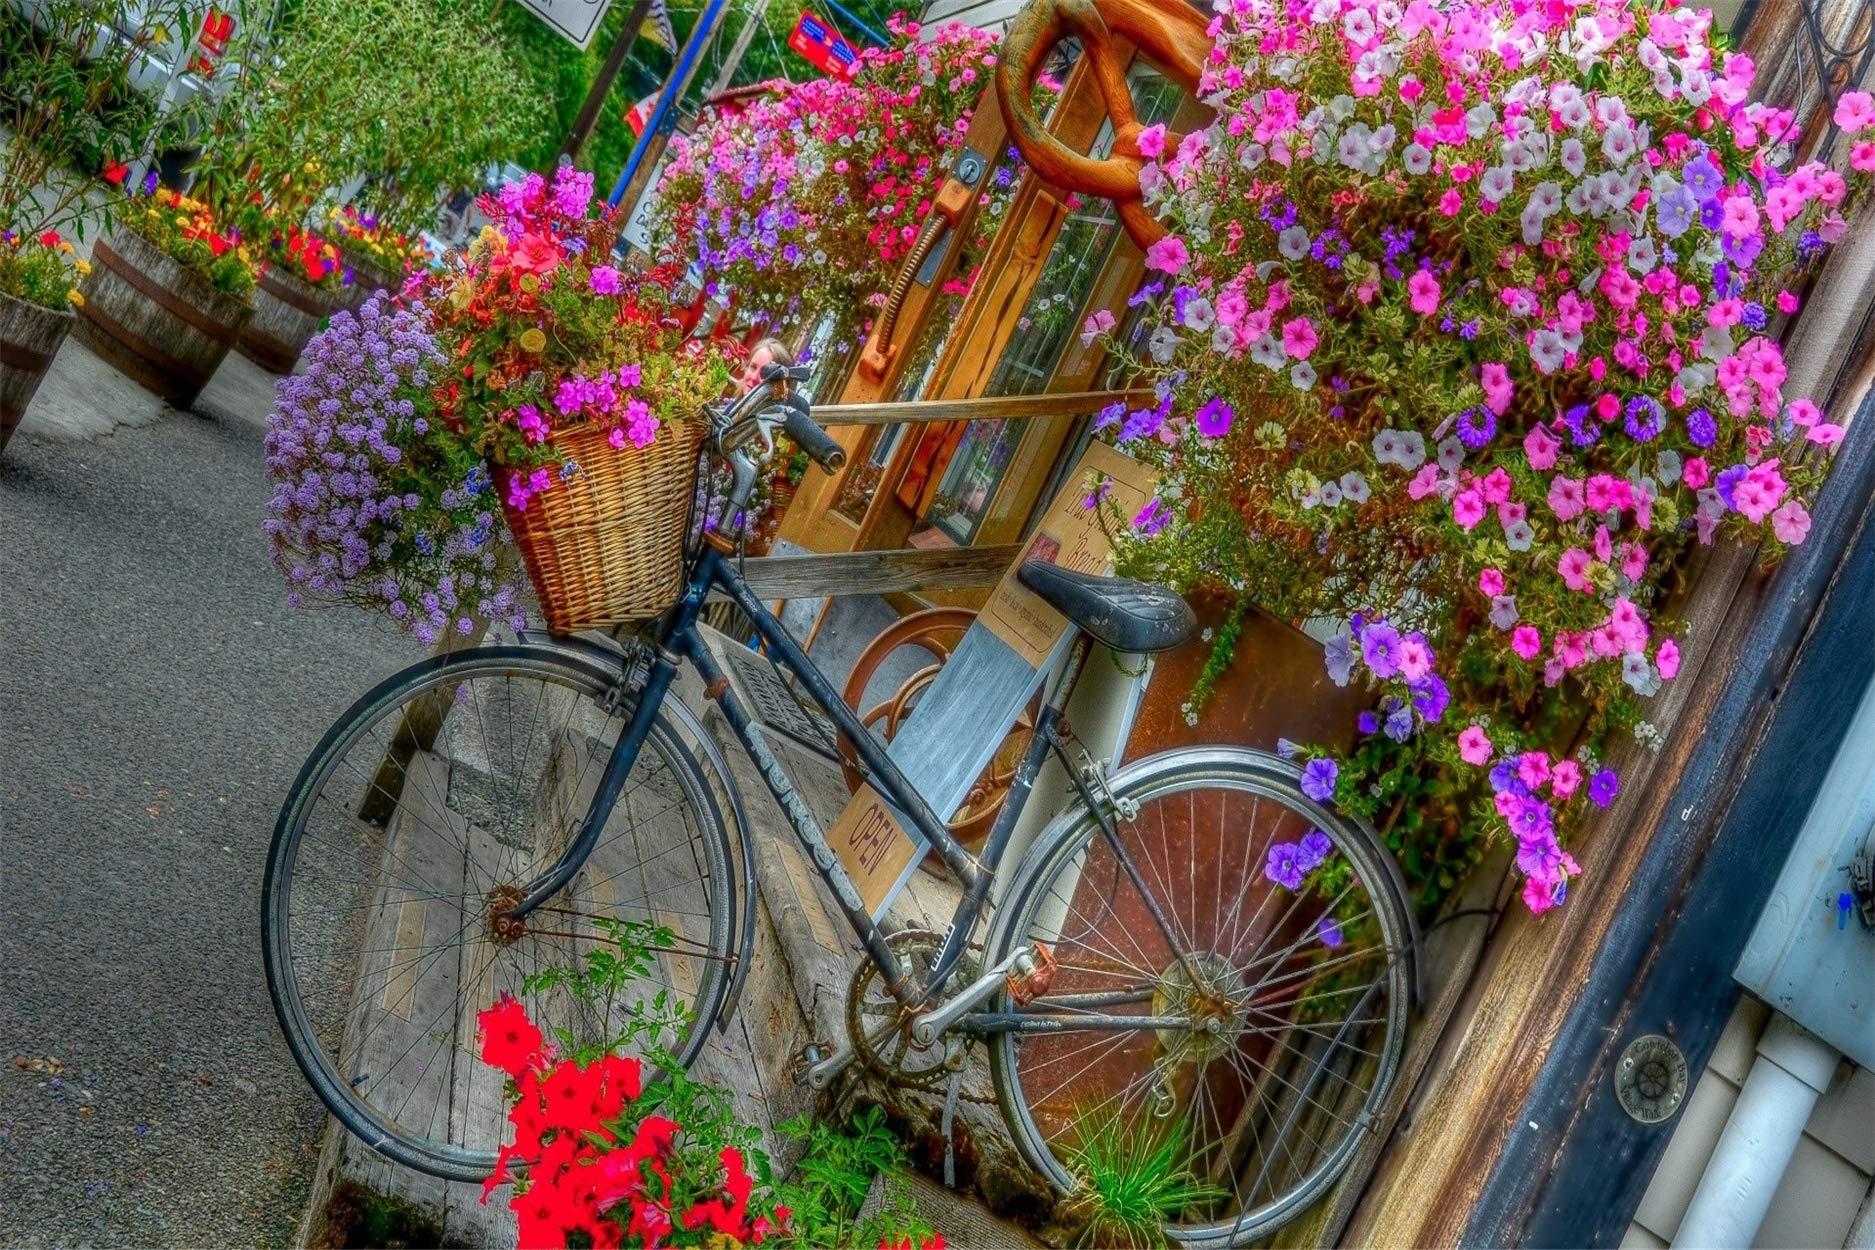 Msliuhuahua 3D DIY Bicicleta Y Pintura De Imagen De Flores sobre Lienzo Pintura Al Óleo Digital por Números 40X50 Cm Regalo: Amazon.es: Juguetes y juegos